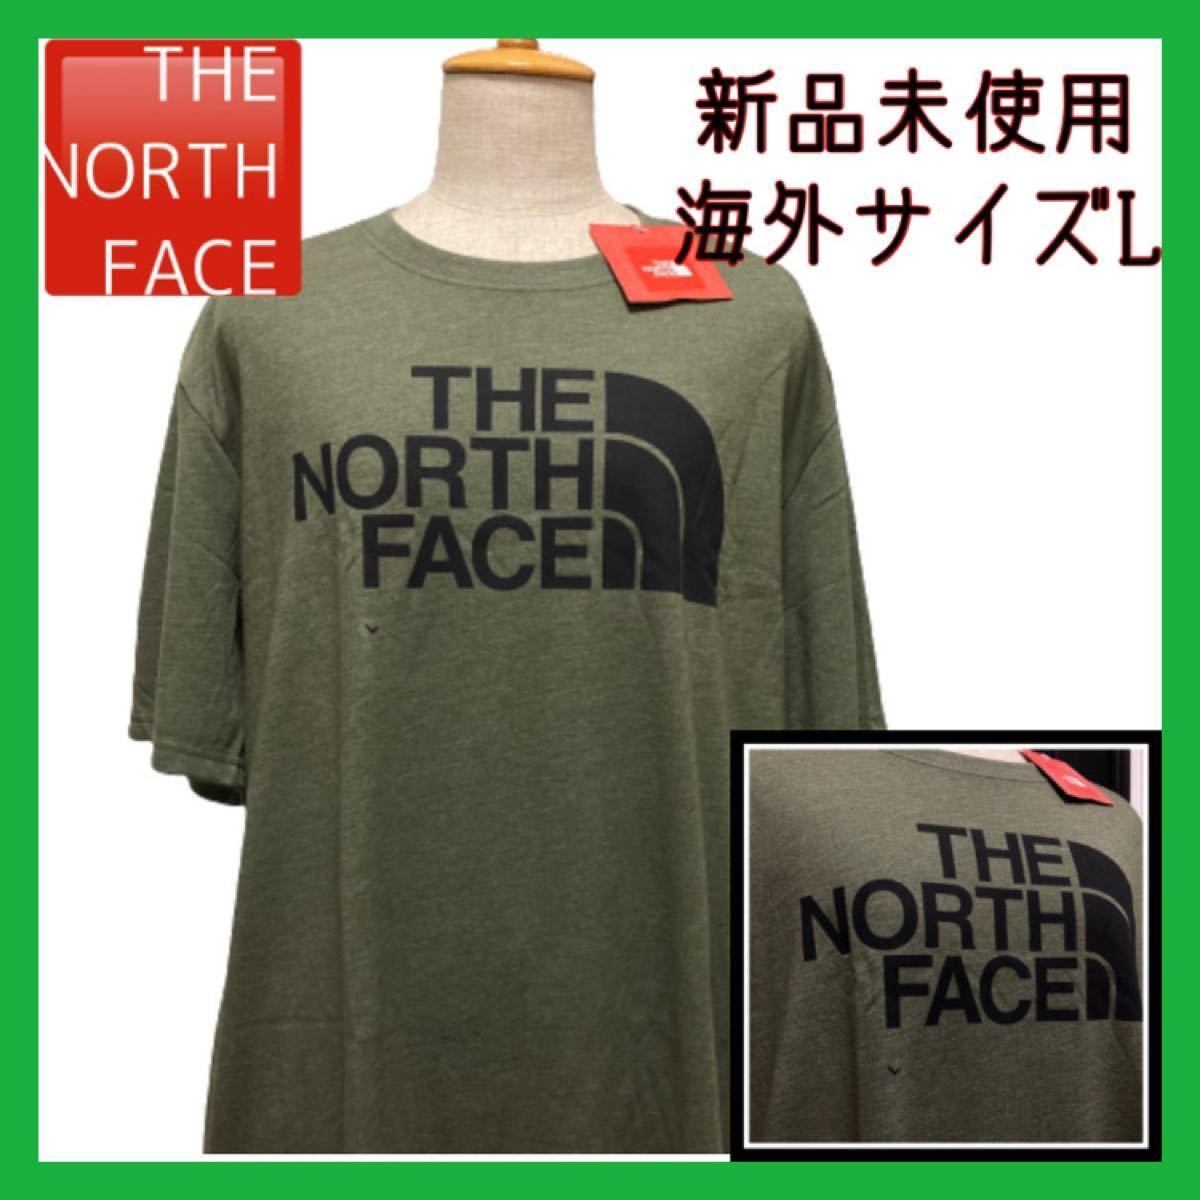 THE NORTH  FACE Tシャツ ザノースフェイス ノースフェイス